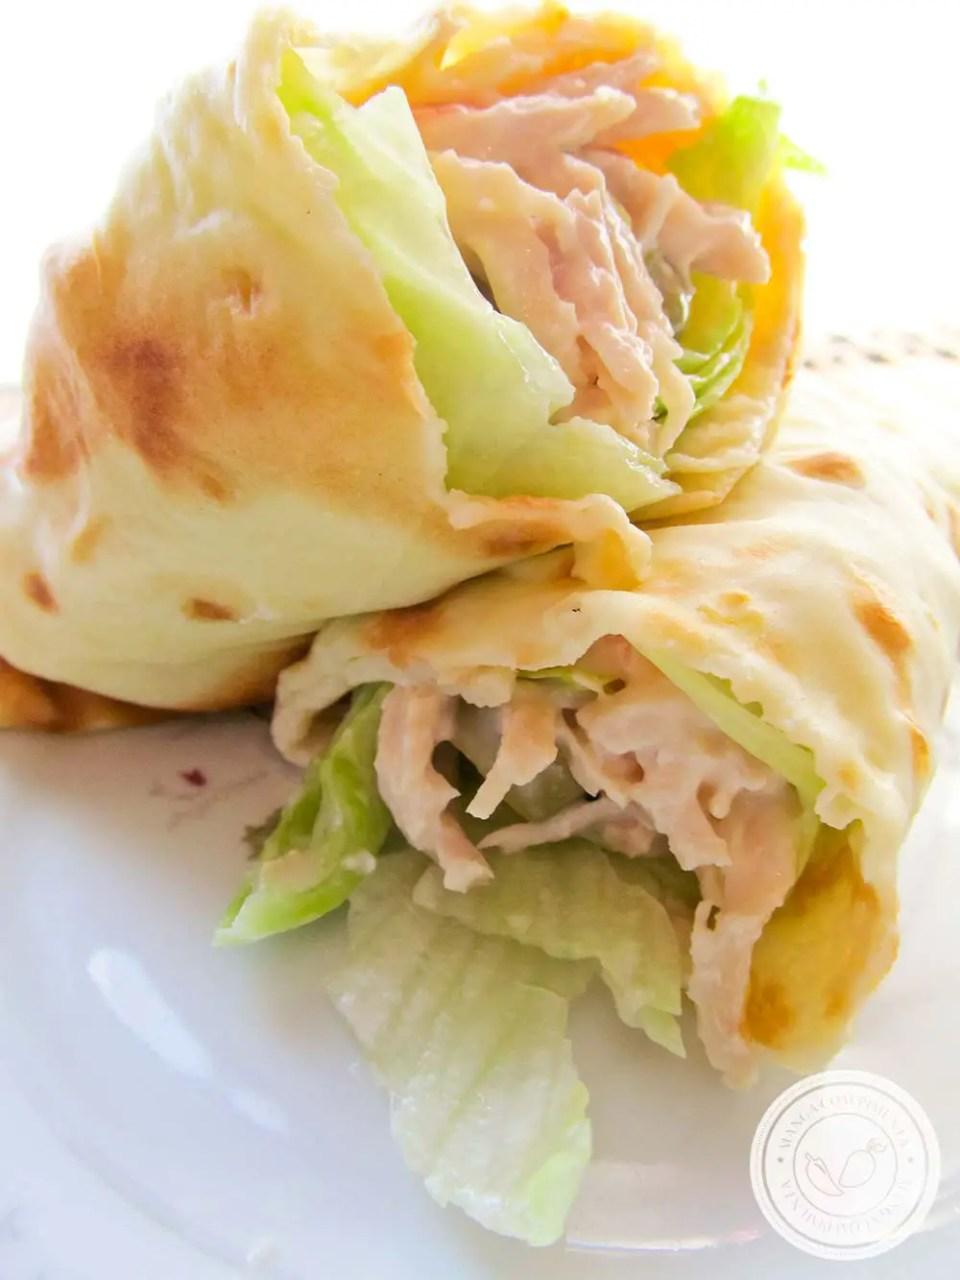 Panqueca Fria de Frango com Alface - um almoço (ou lanche) leve e nutritivo para dia quentes!